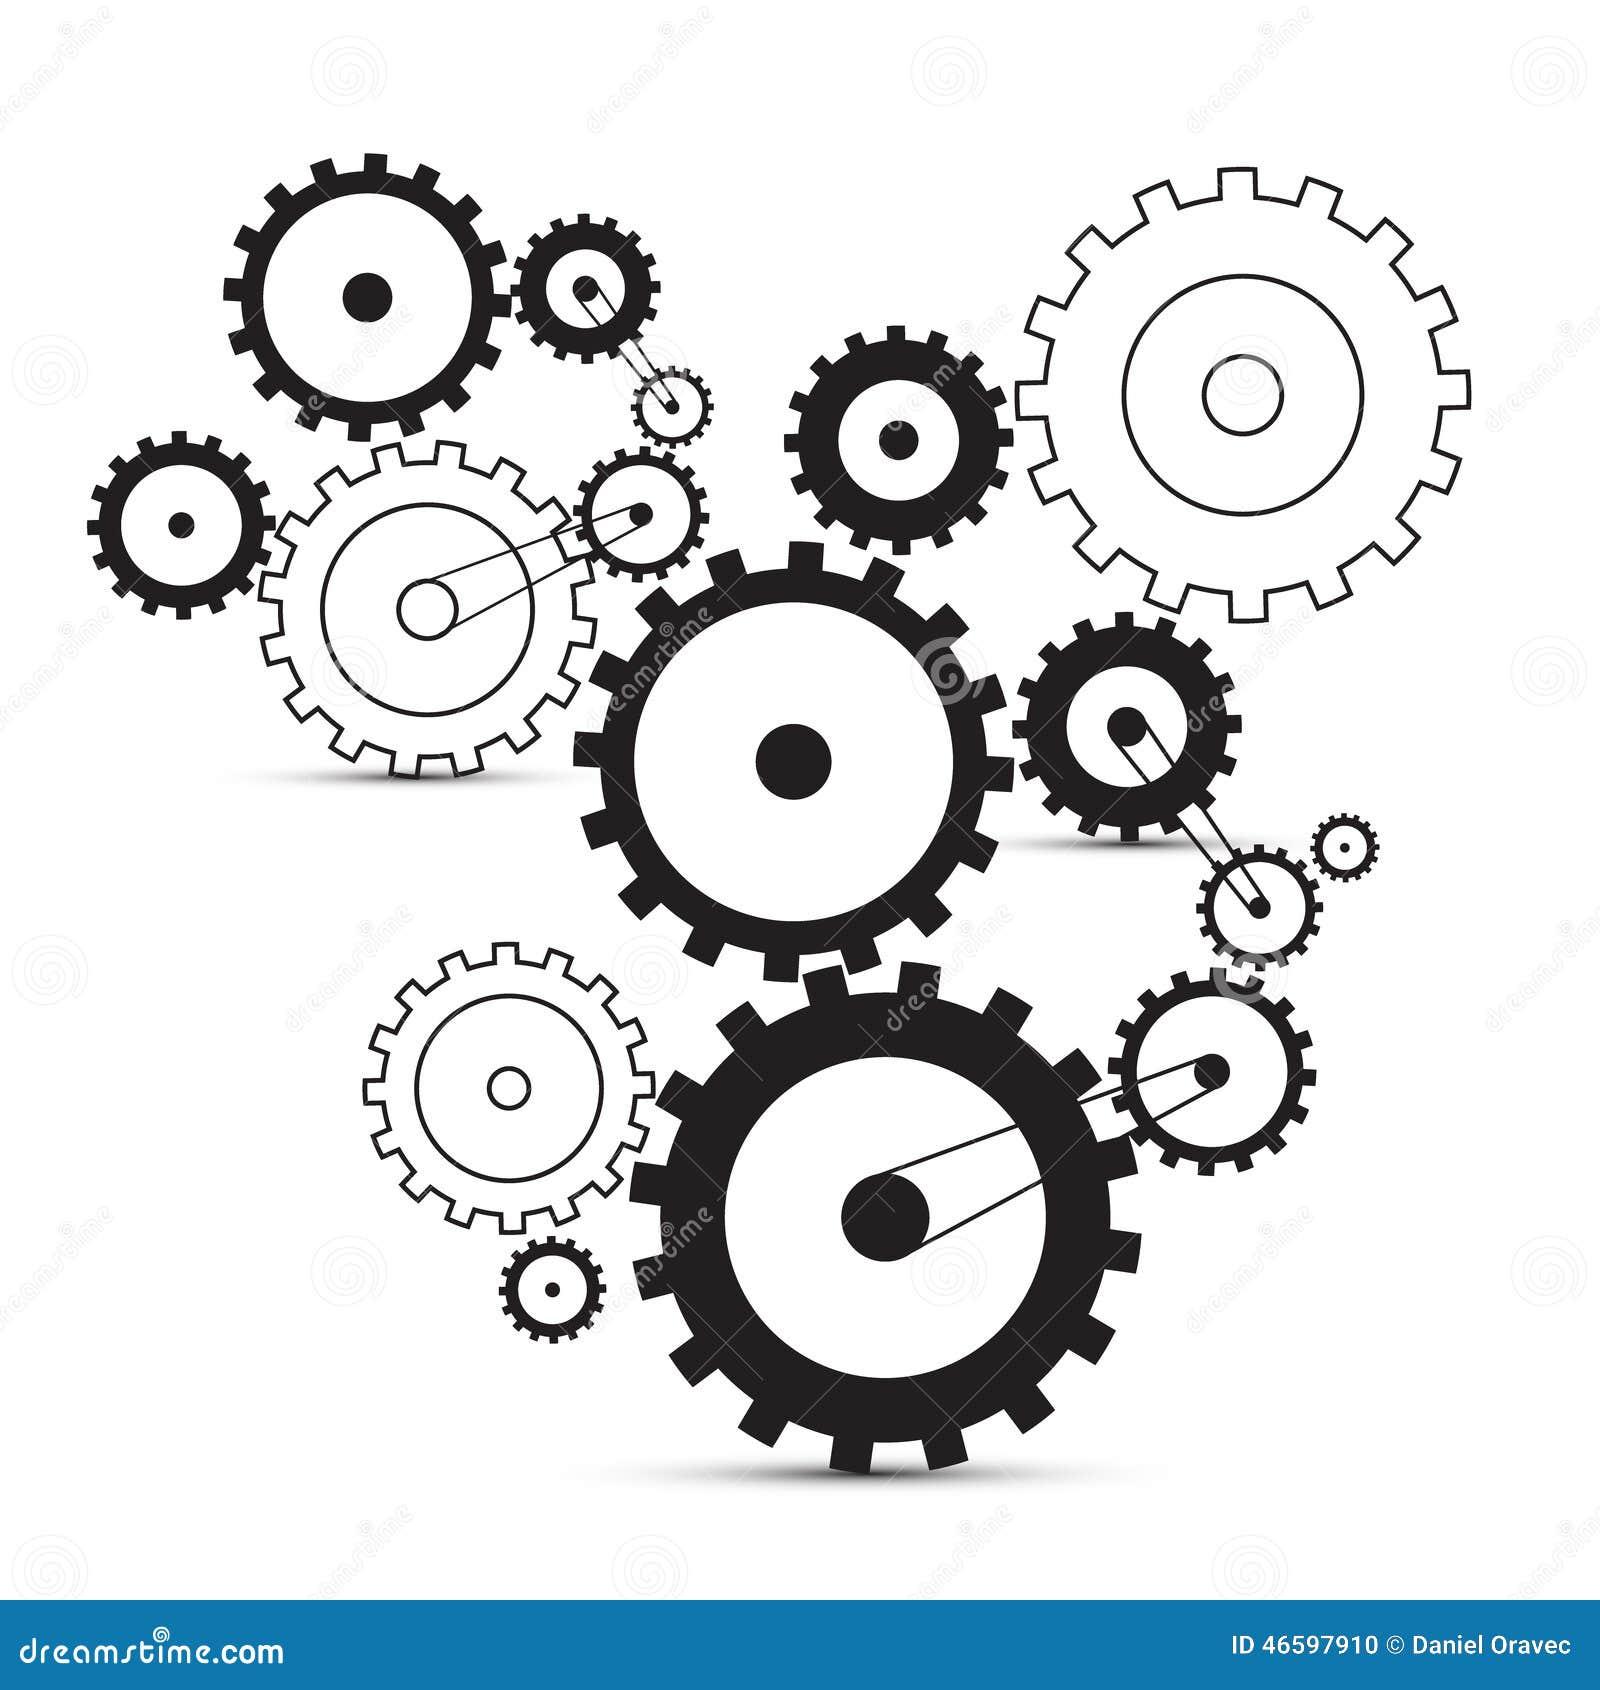 Vector cogs - gears